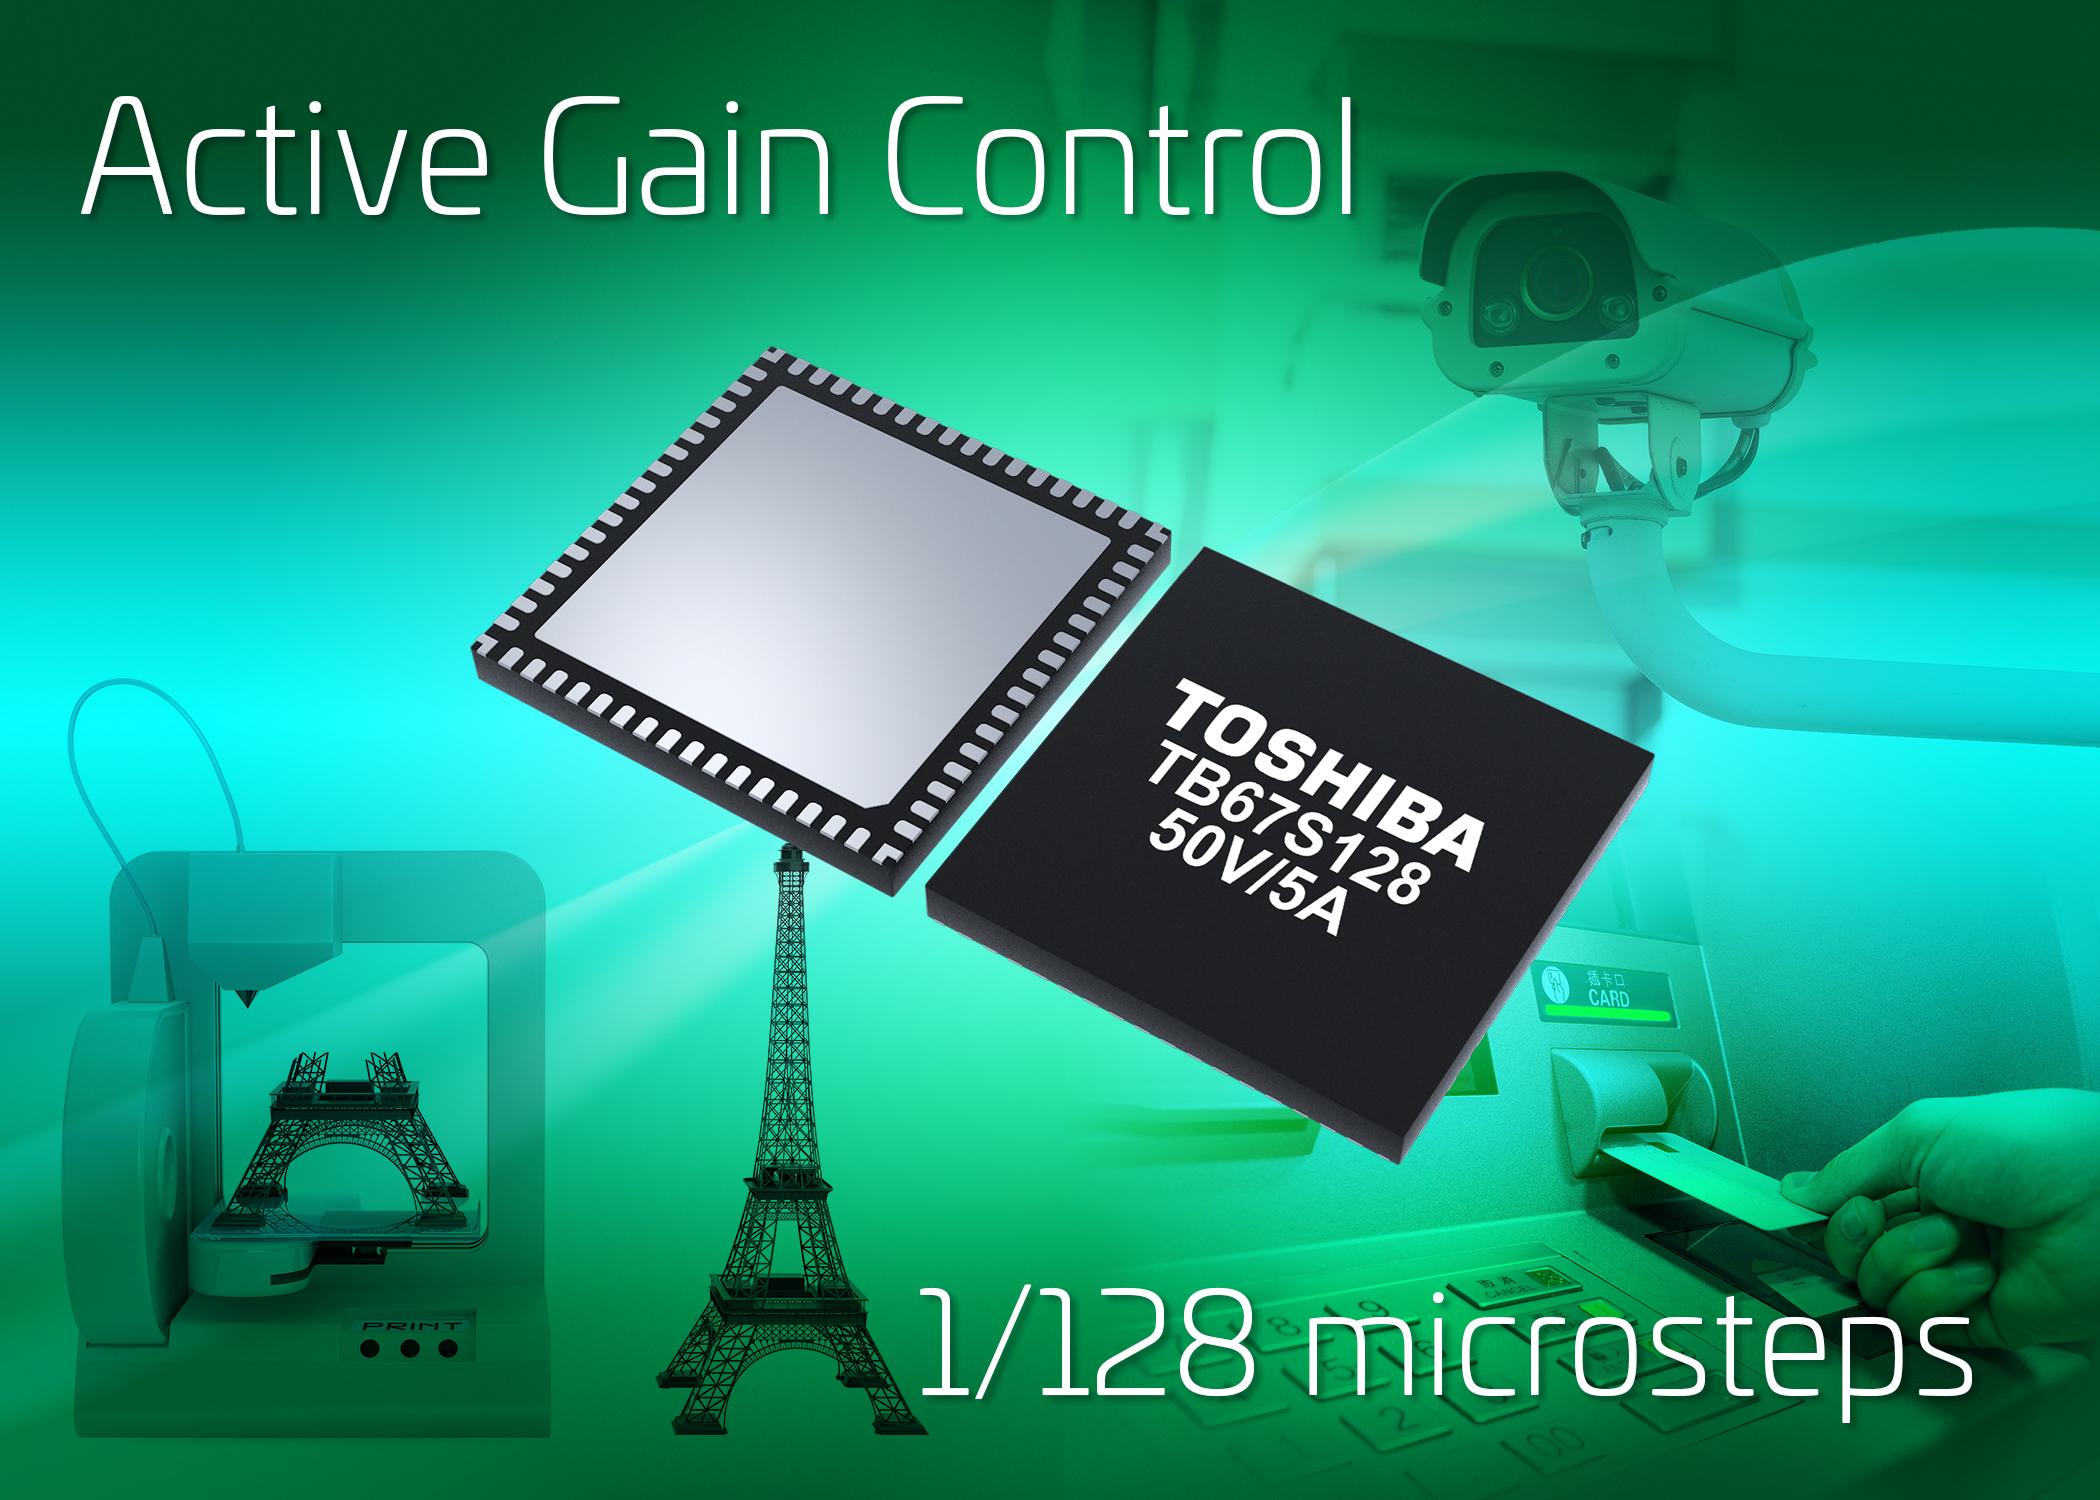 Toshiba_TB67S128.jpg